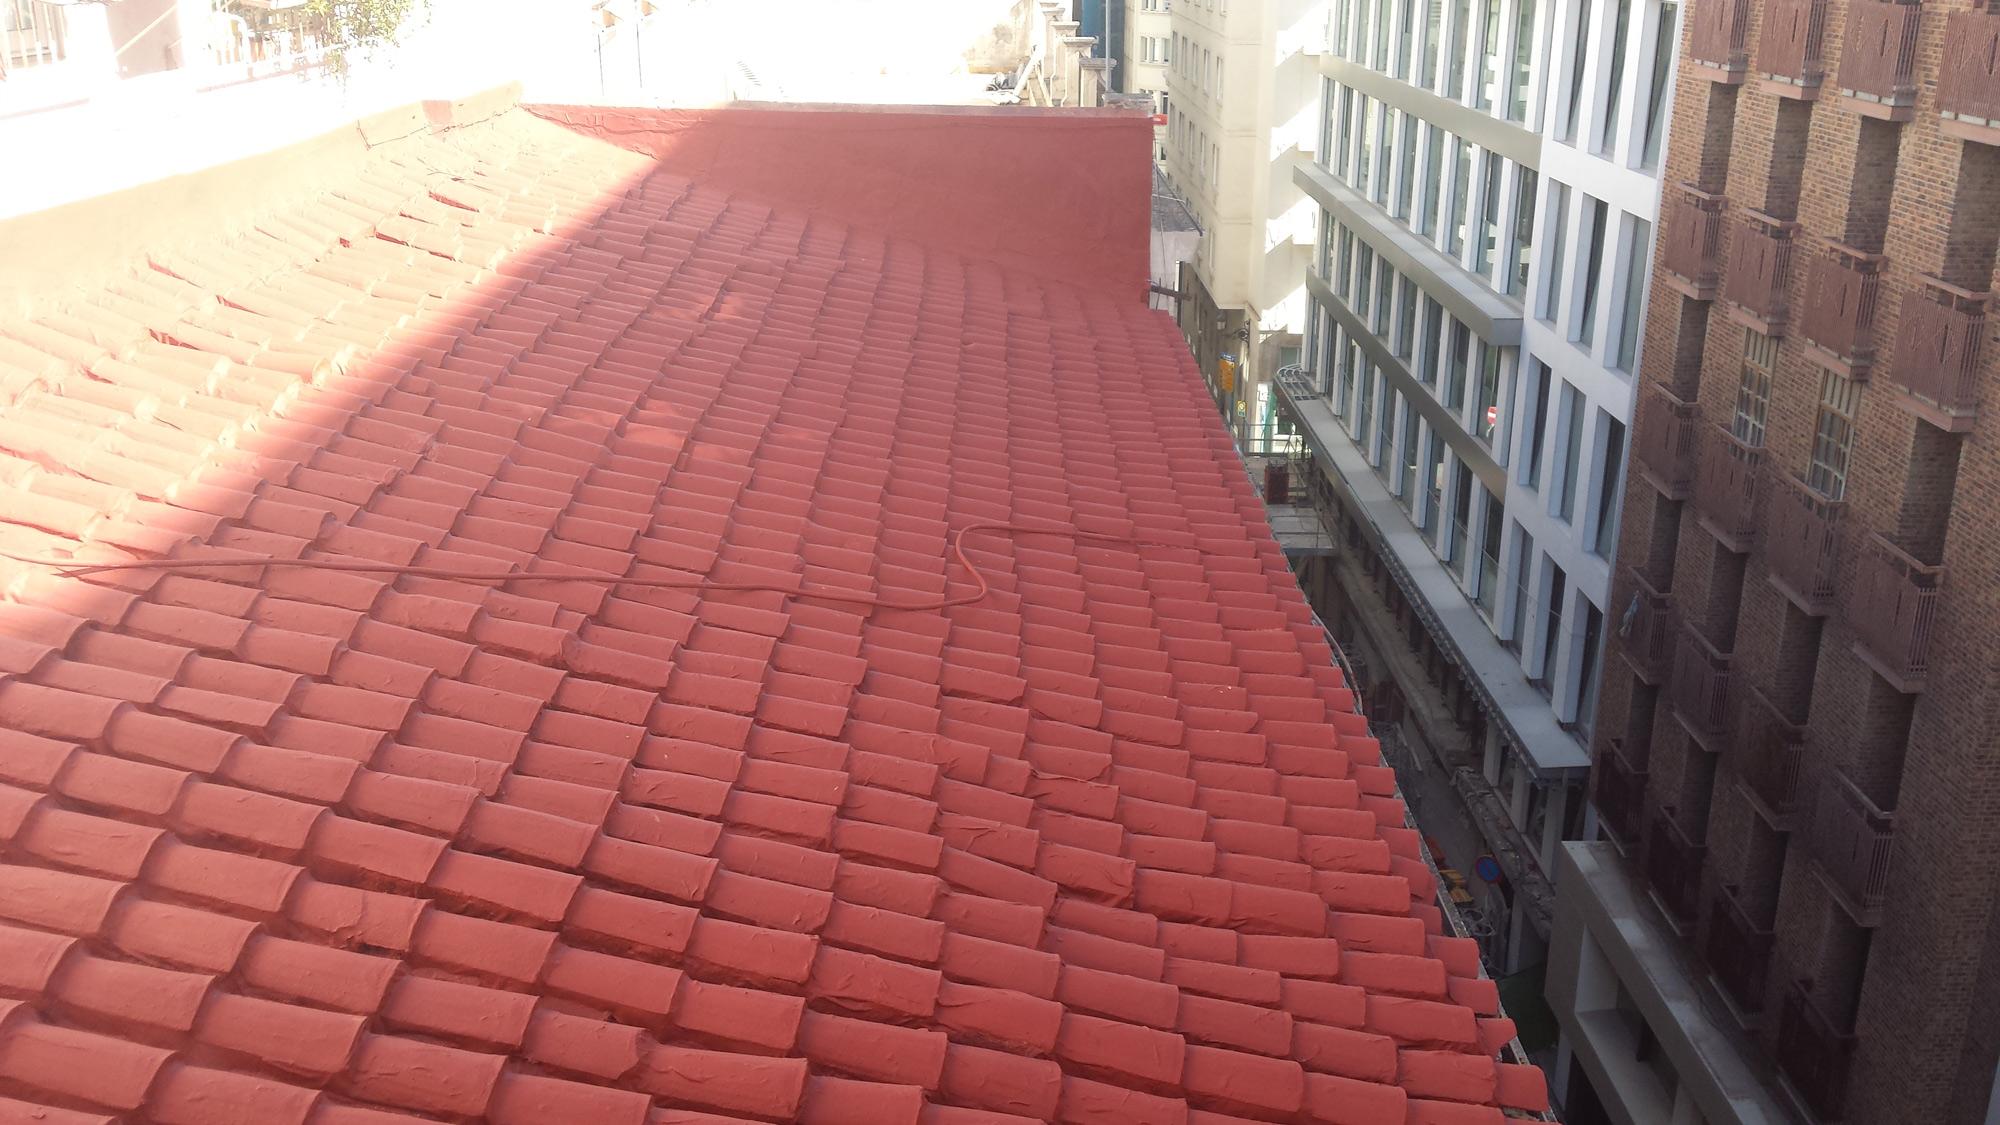 Peyma servicios de impermeabilizaci n de tejados peyma - Impermeabilizacion de tejados ...